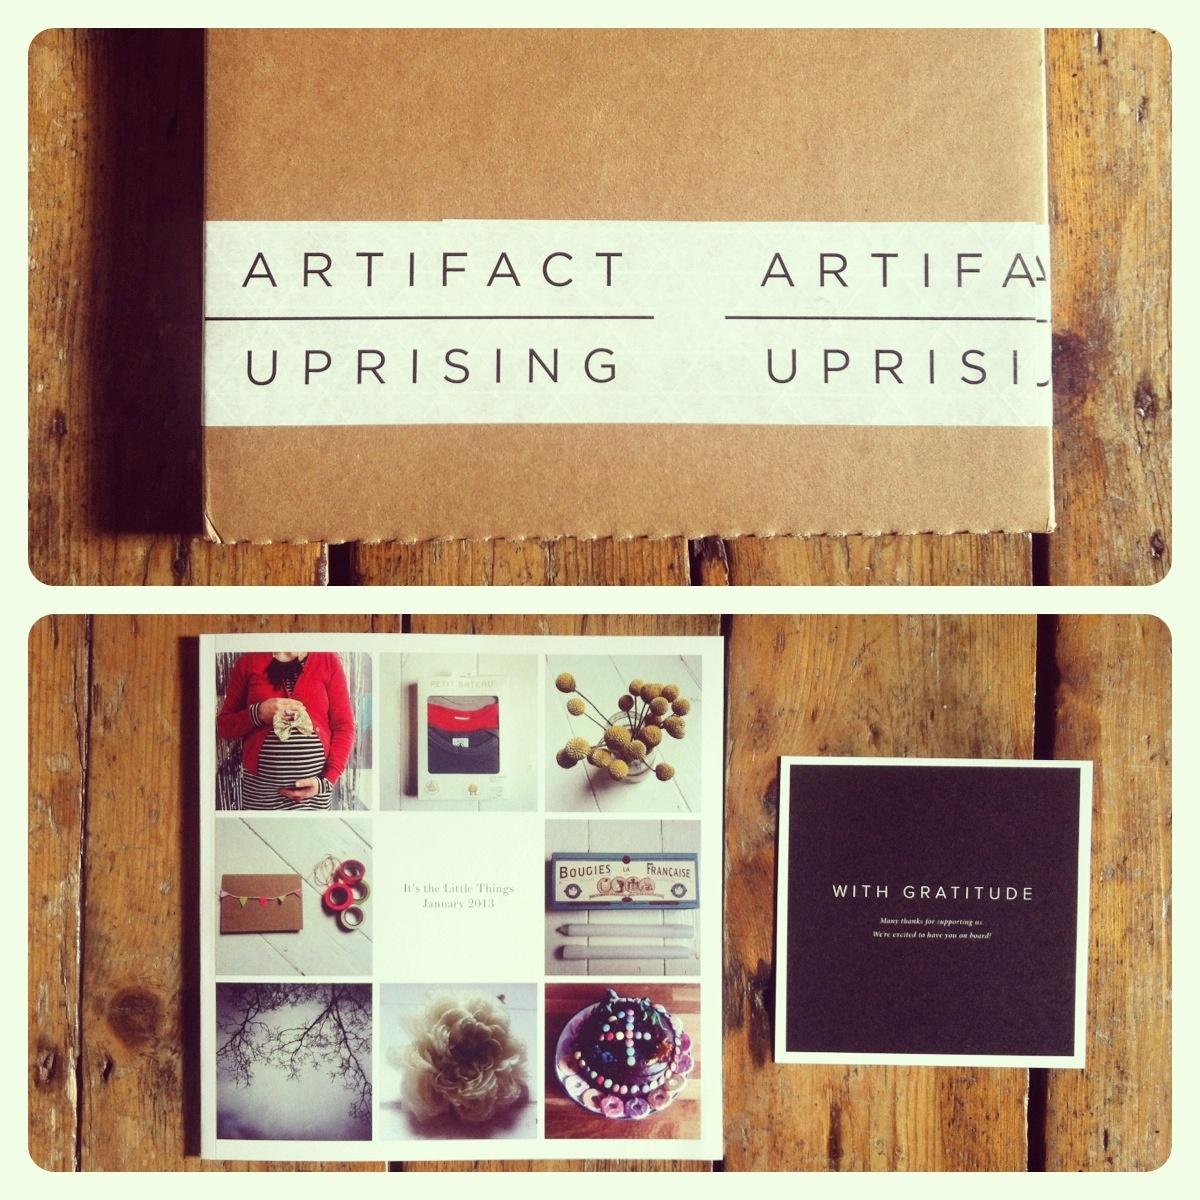 Artifactuprising 105.jpg